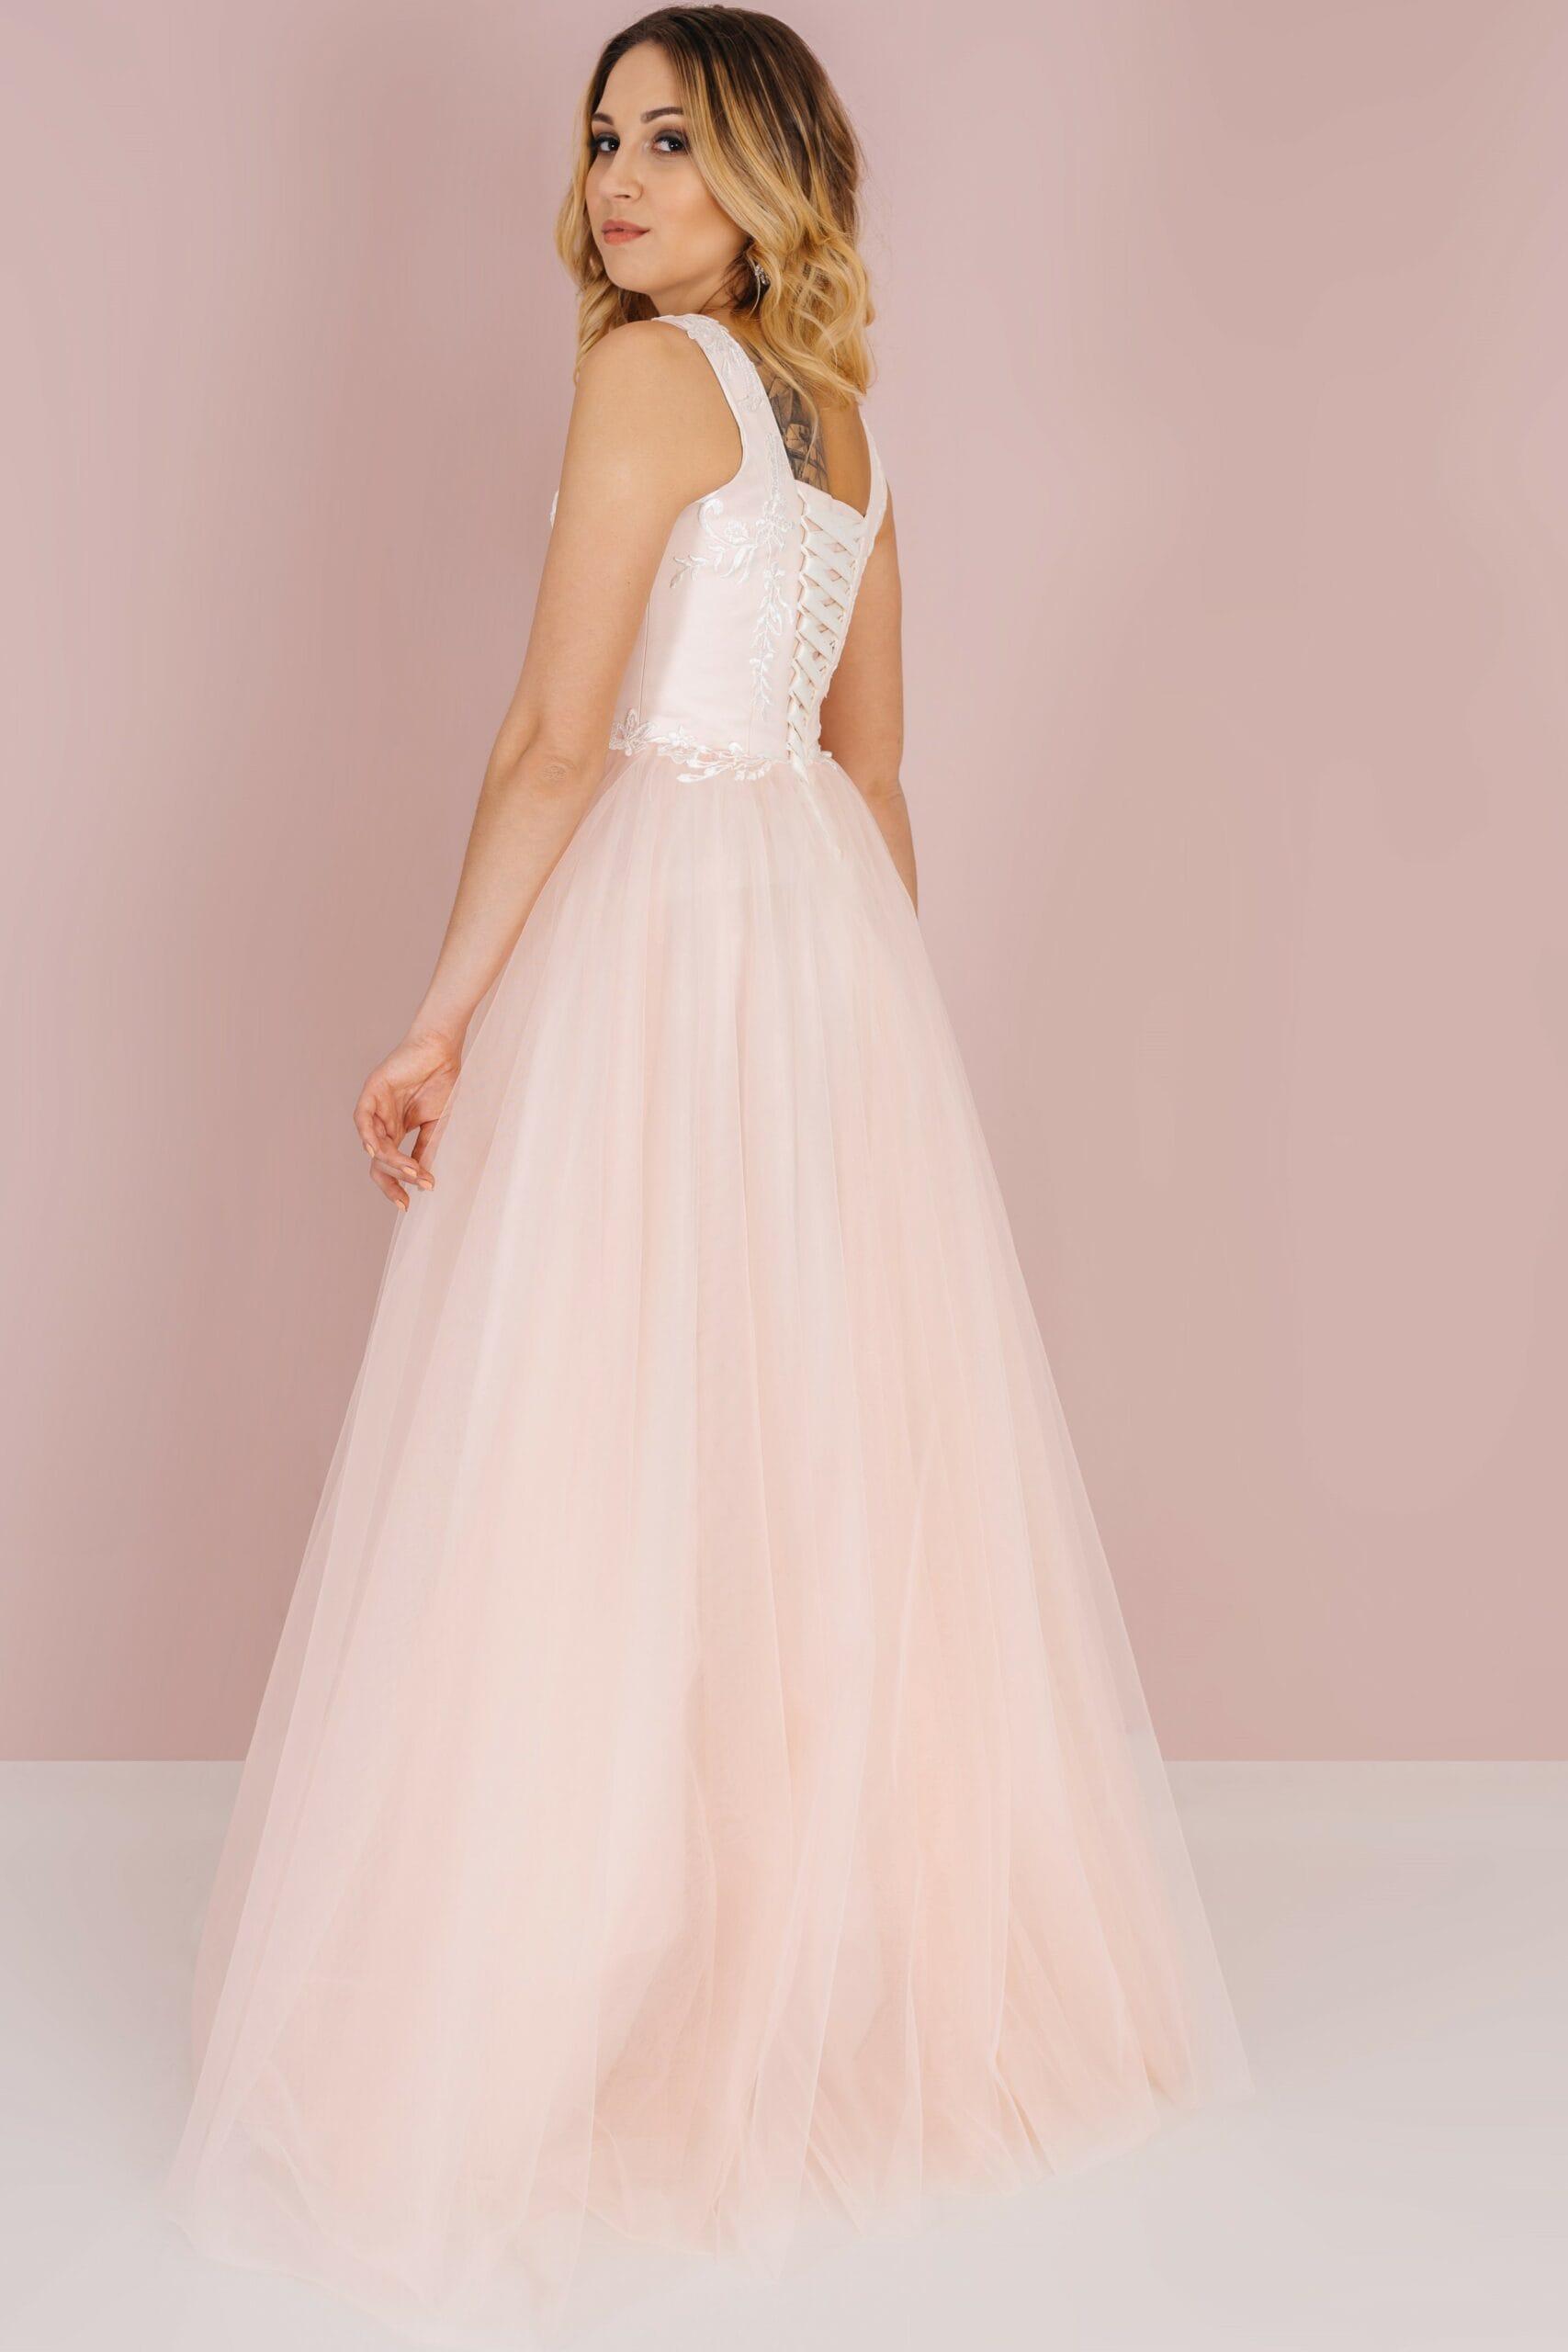 Свадебное платье AMELI, коллекция LOFT, бренд RARE BRIDAL, фото 2